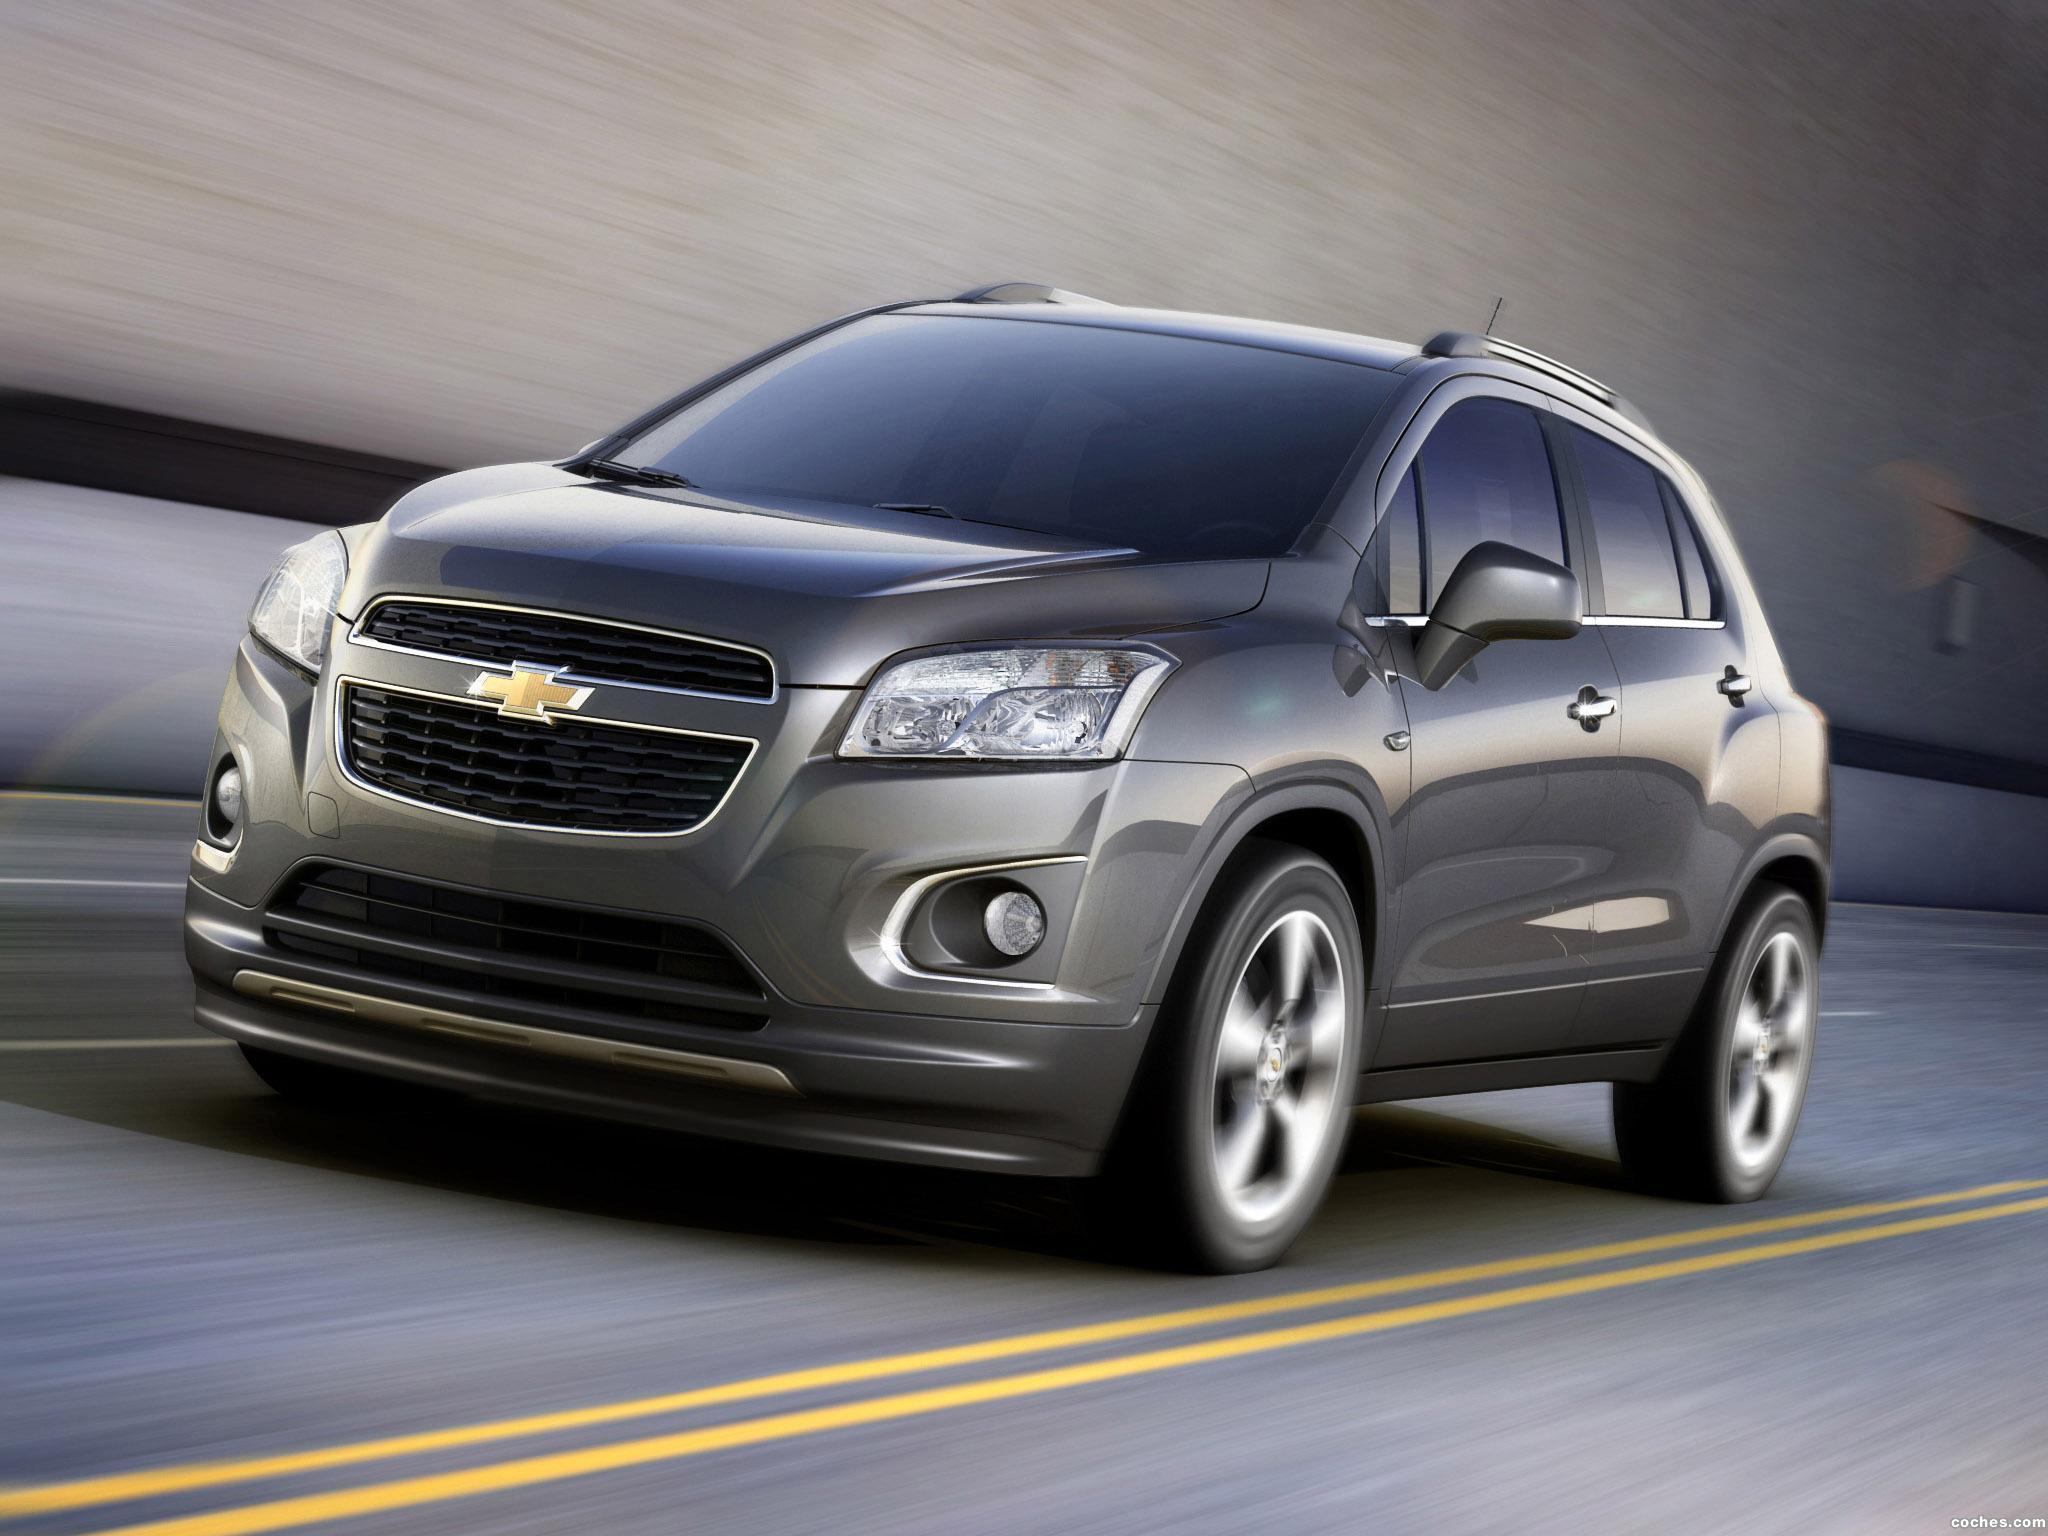 Foto 0 de Chevrolet Trax 2012